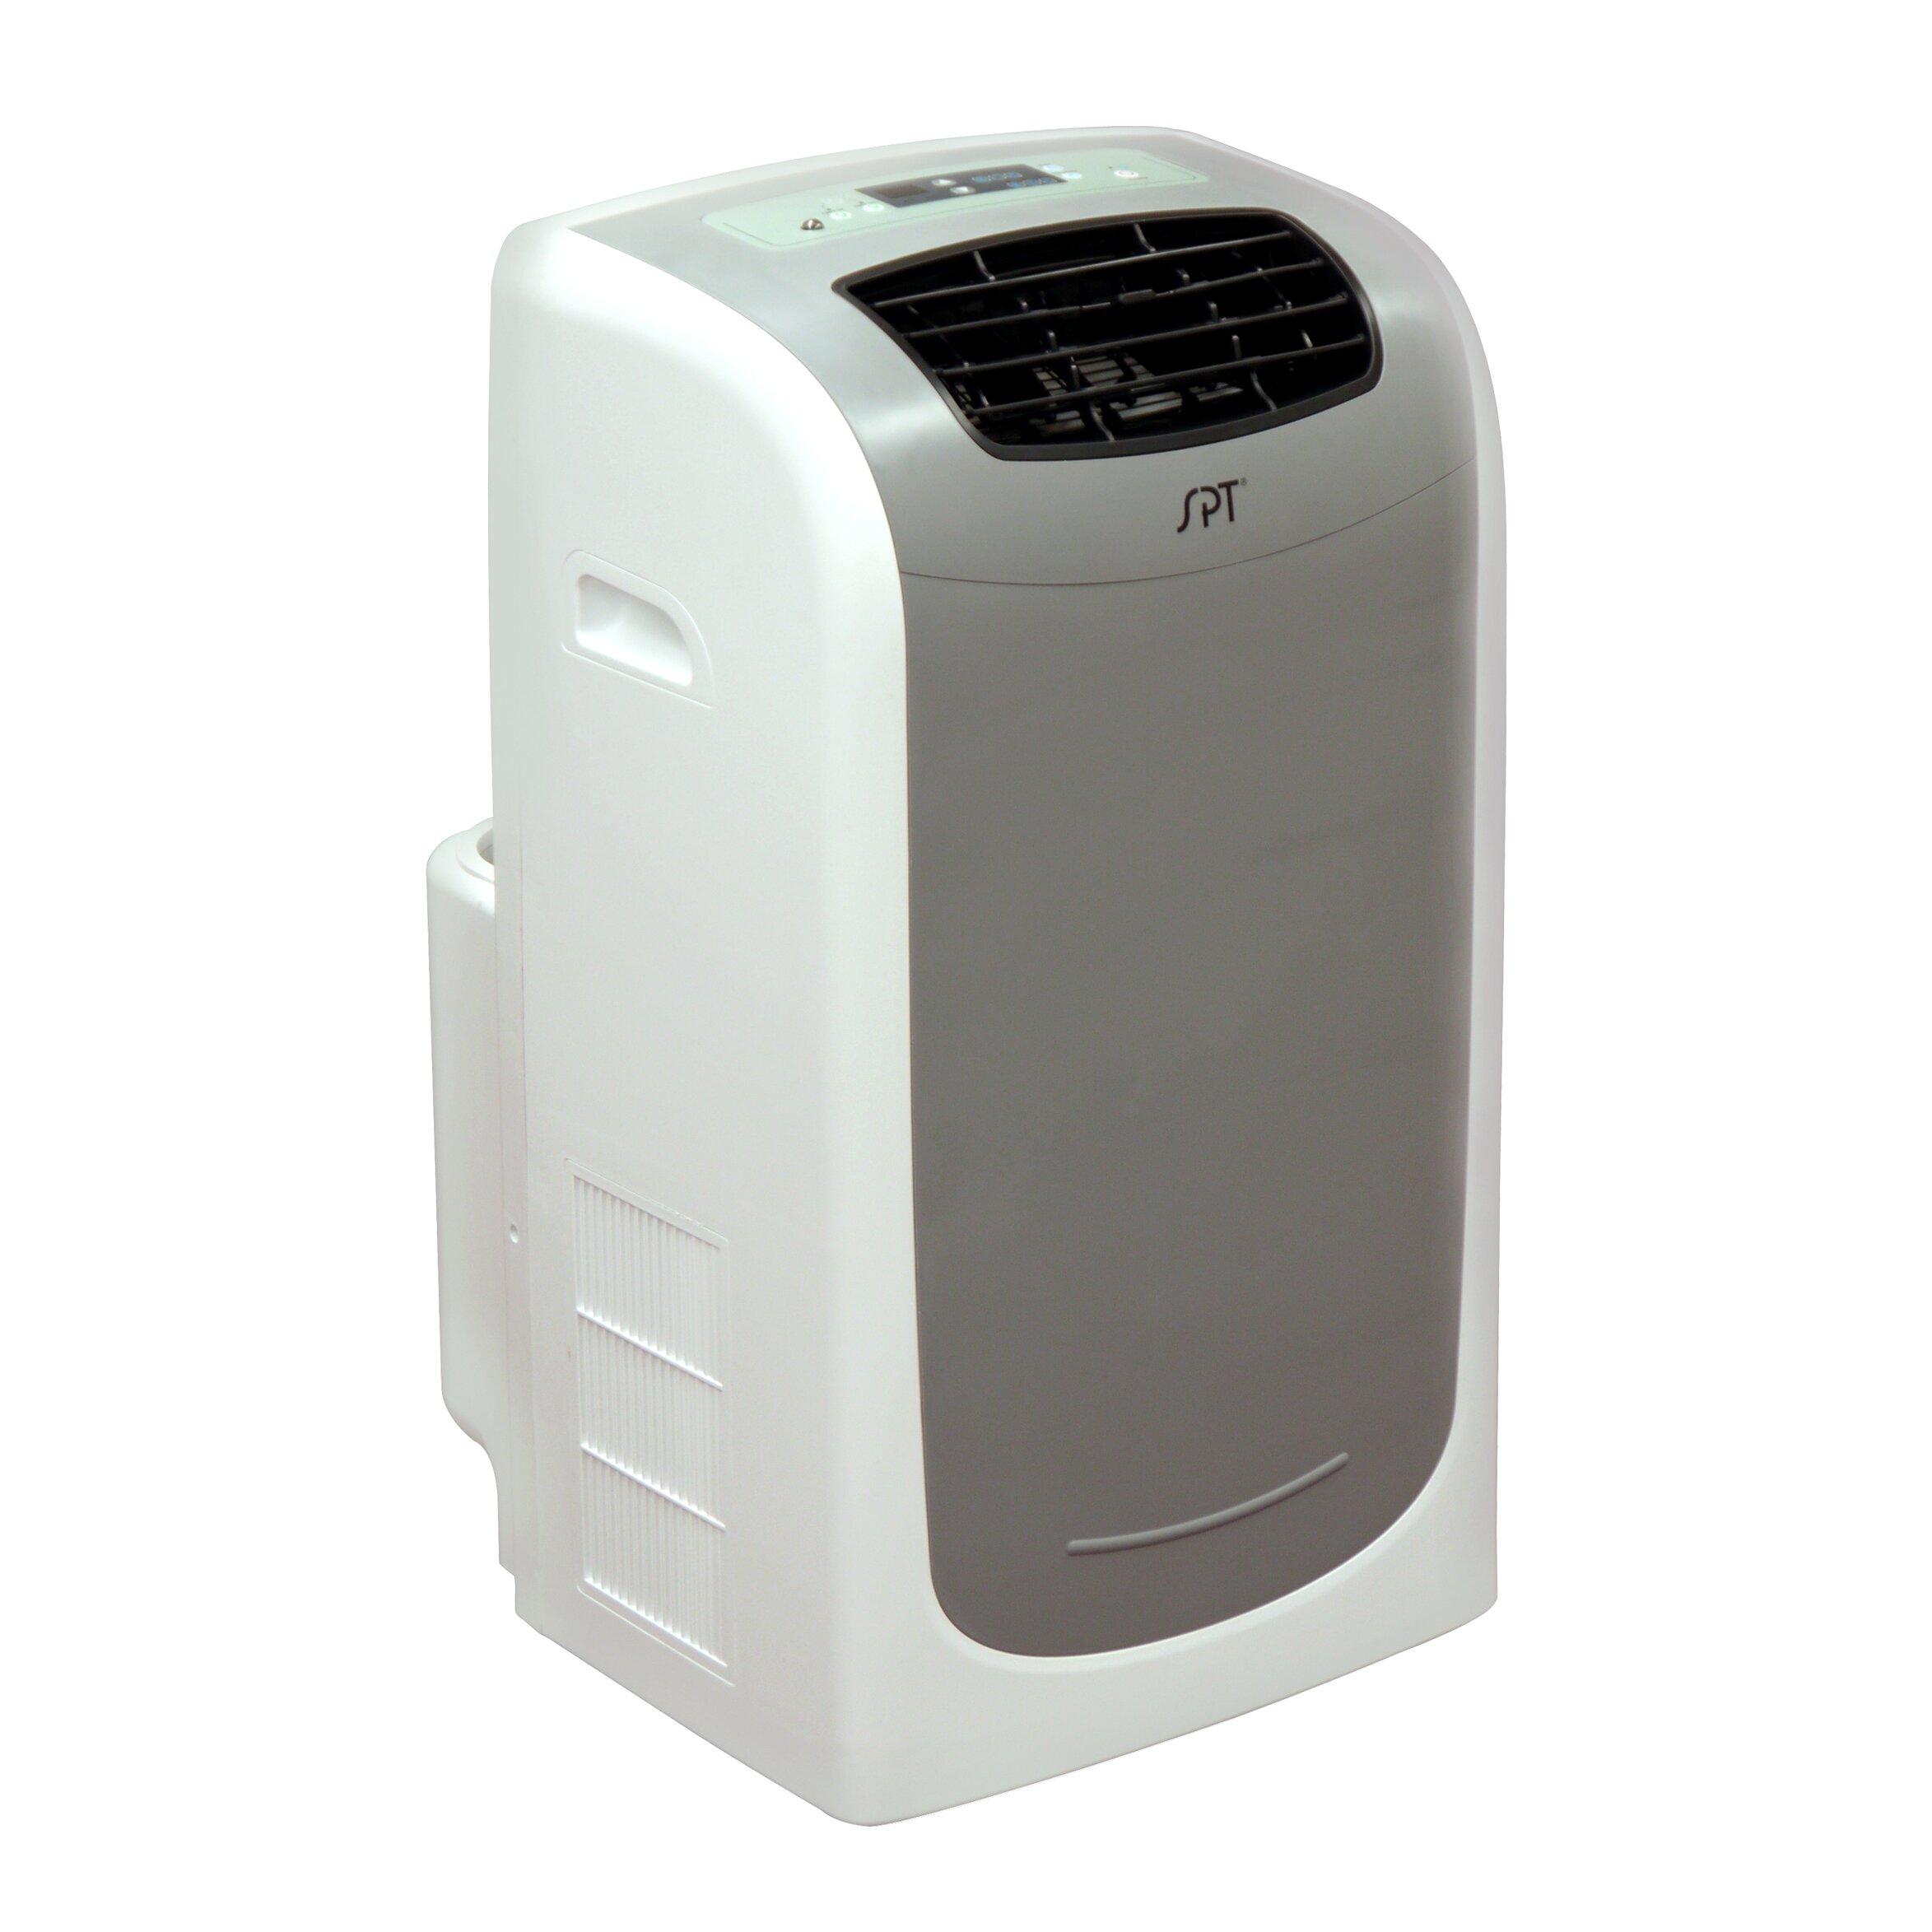 Dual Hose 13 000 BTU Portable Air Conditioner Wayfair Supply #605851